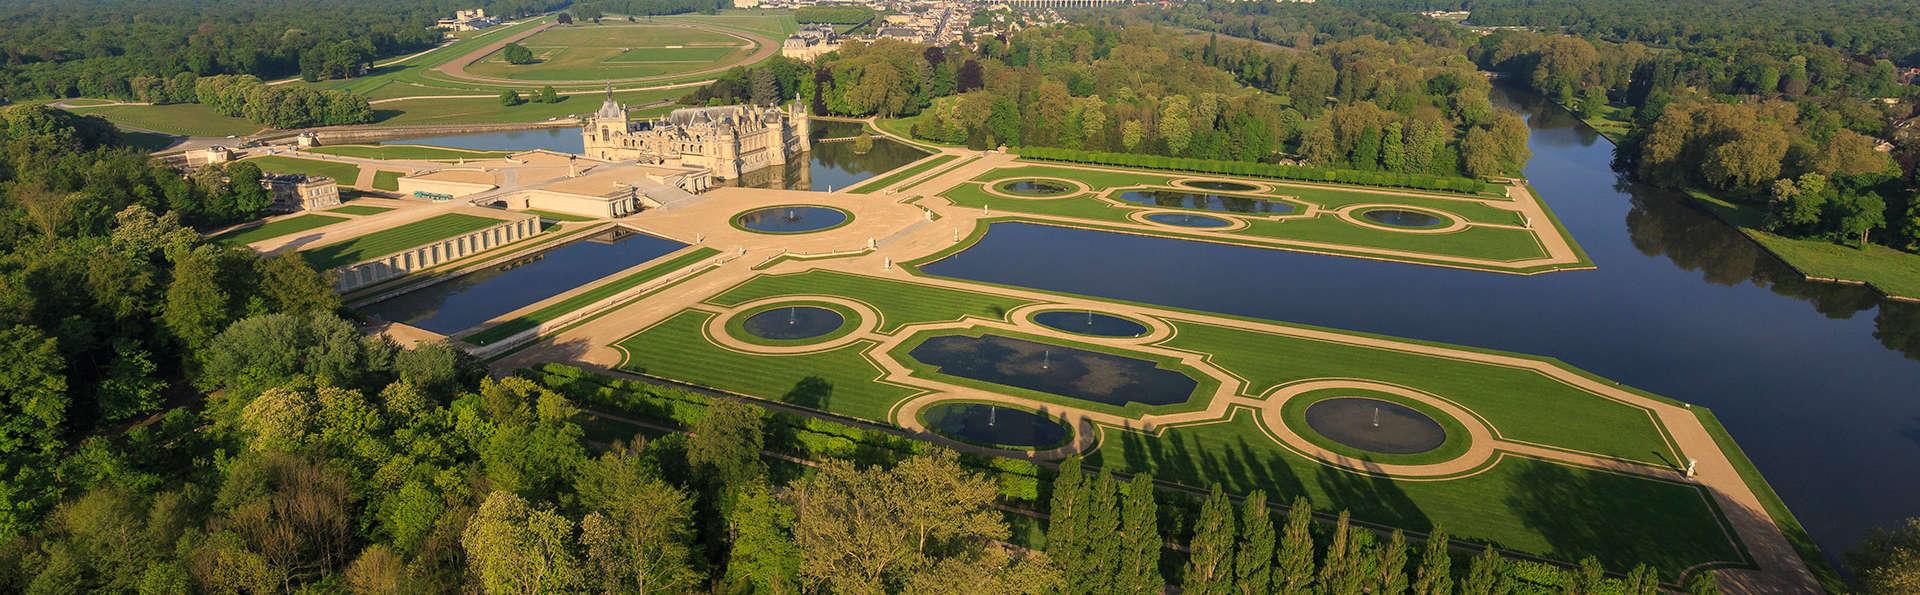 Week-end découverte du Domaine de Chantilly